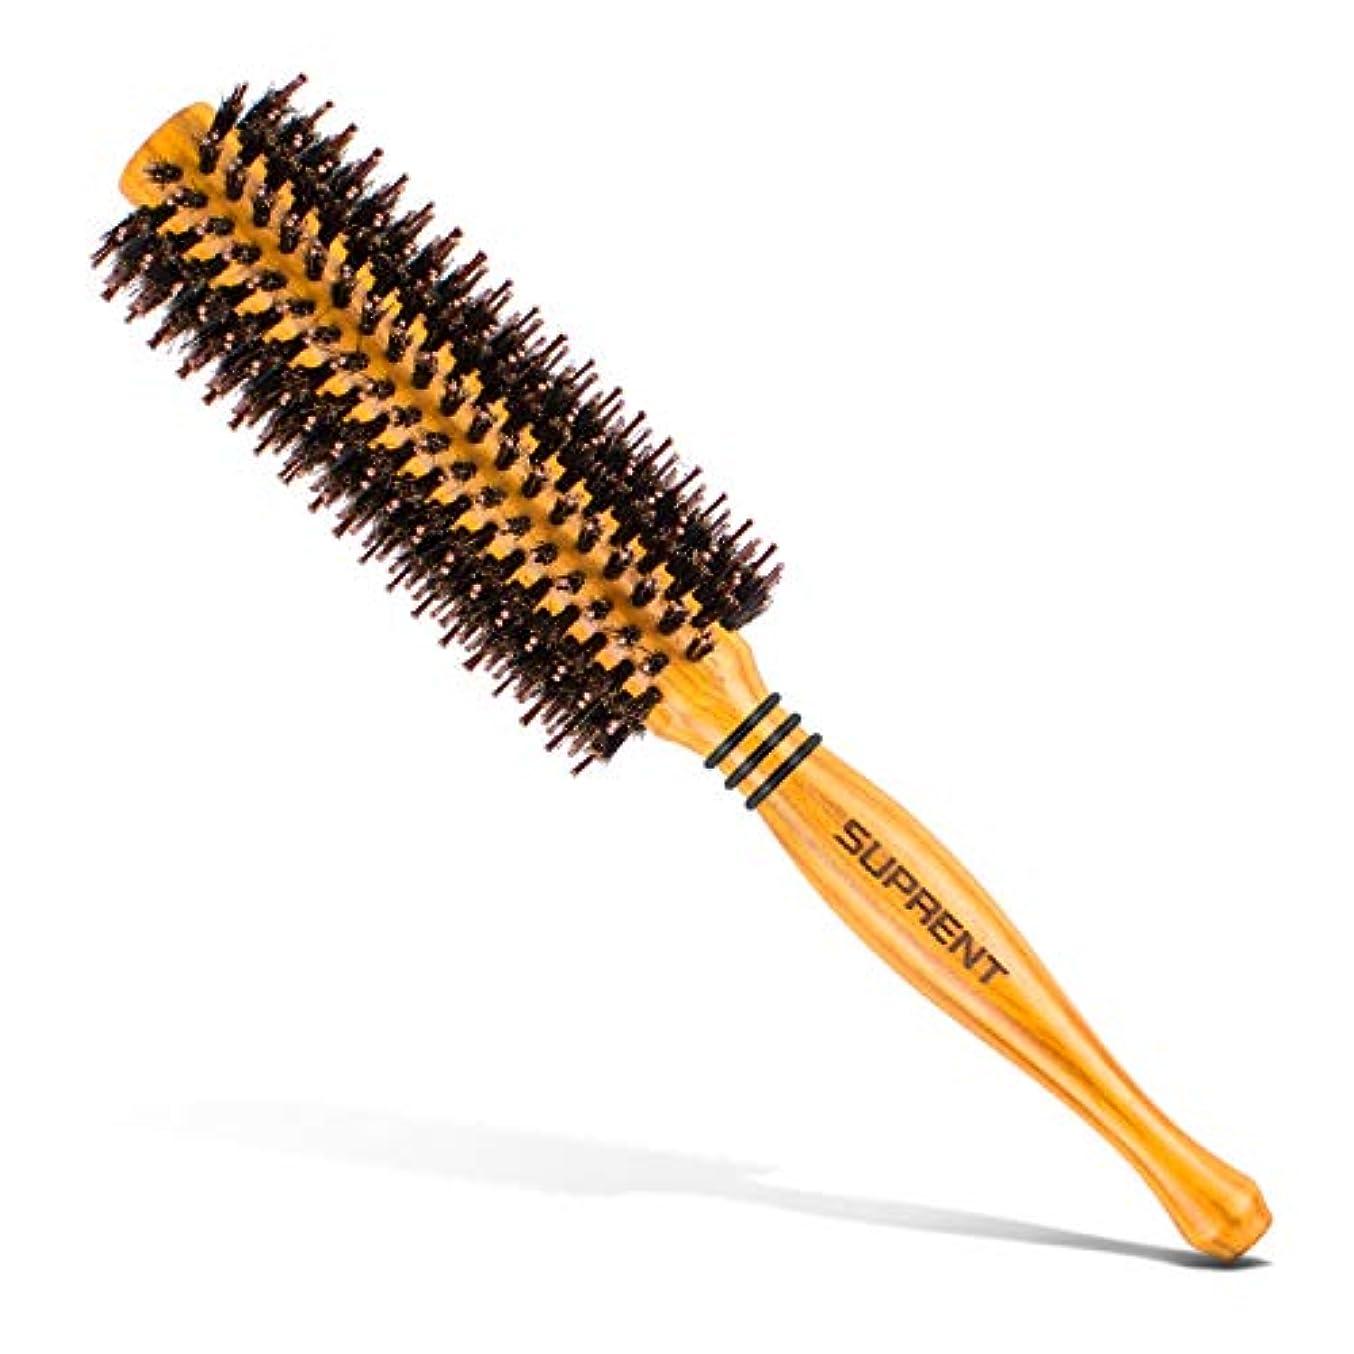 確かに気配りのある松明ロールブラシ/ヘアブラシ豚毛カール 木製櫛 スタイリングブラシ 巻き髪 静電気防止